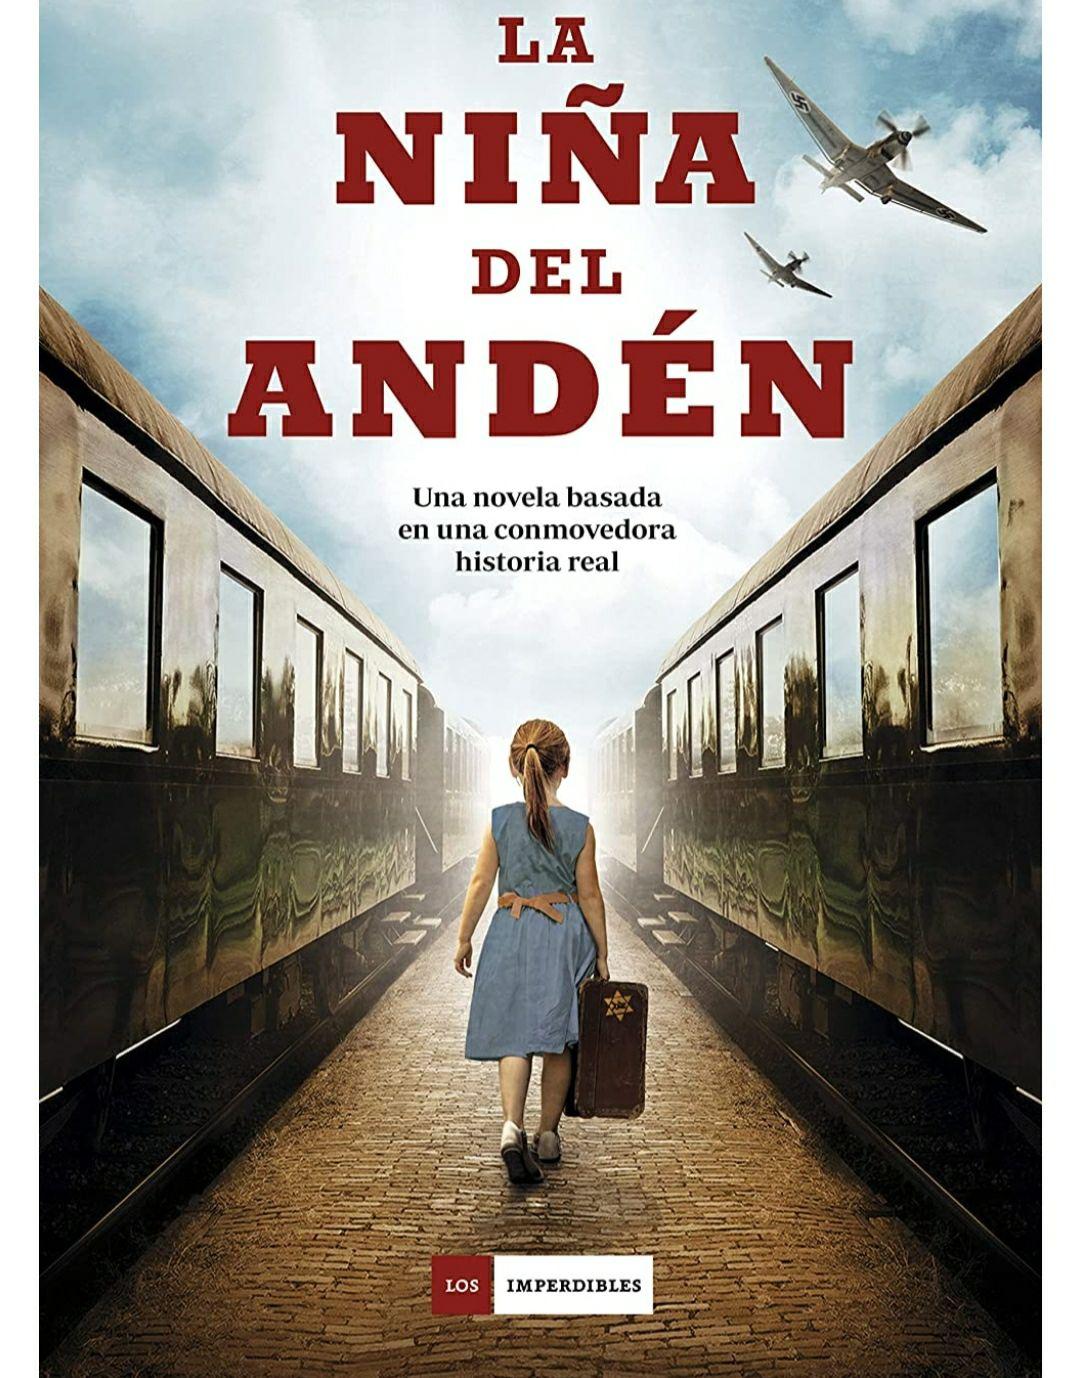 La niña del andén version Kindle